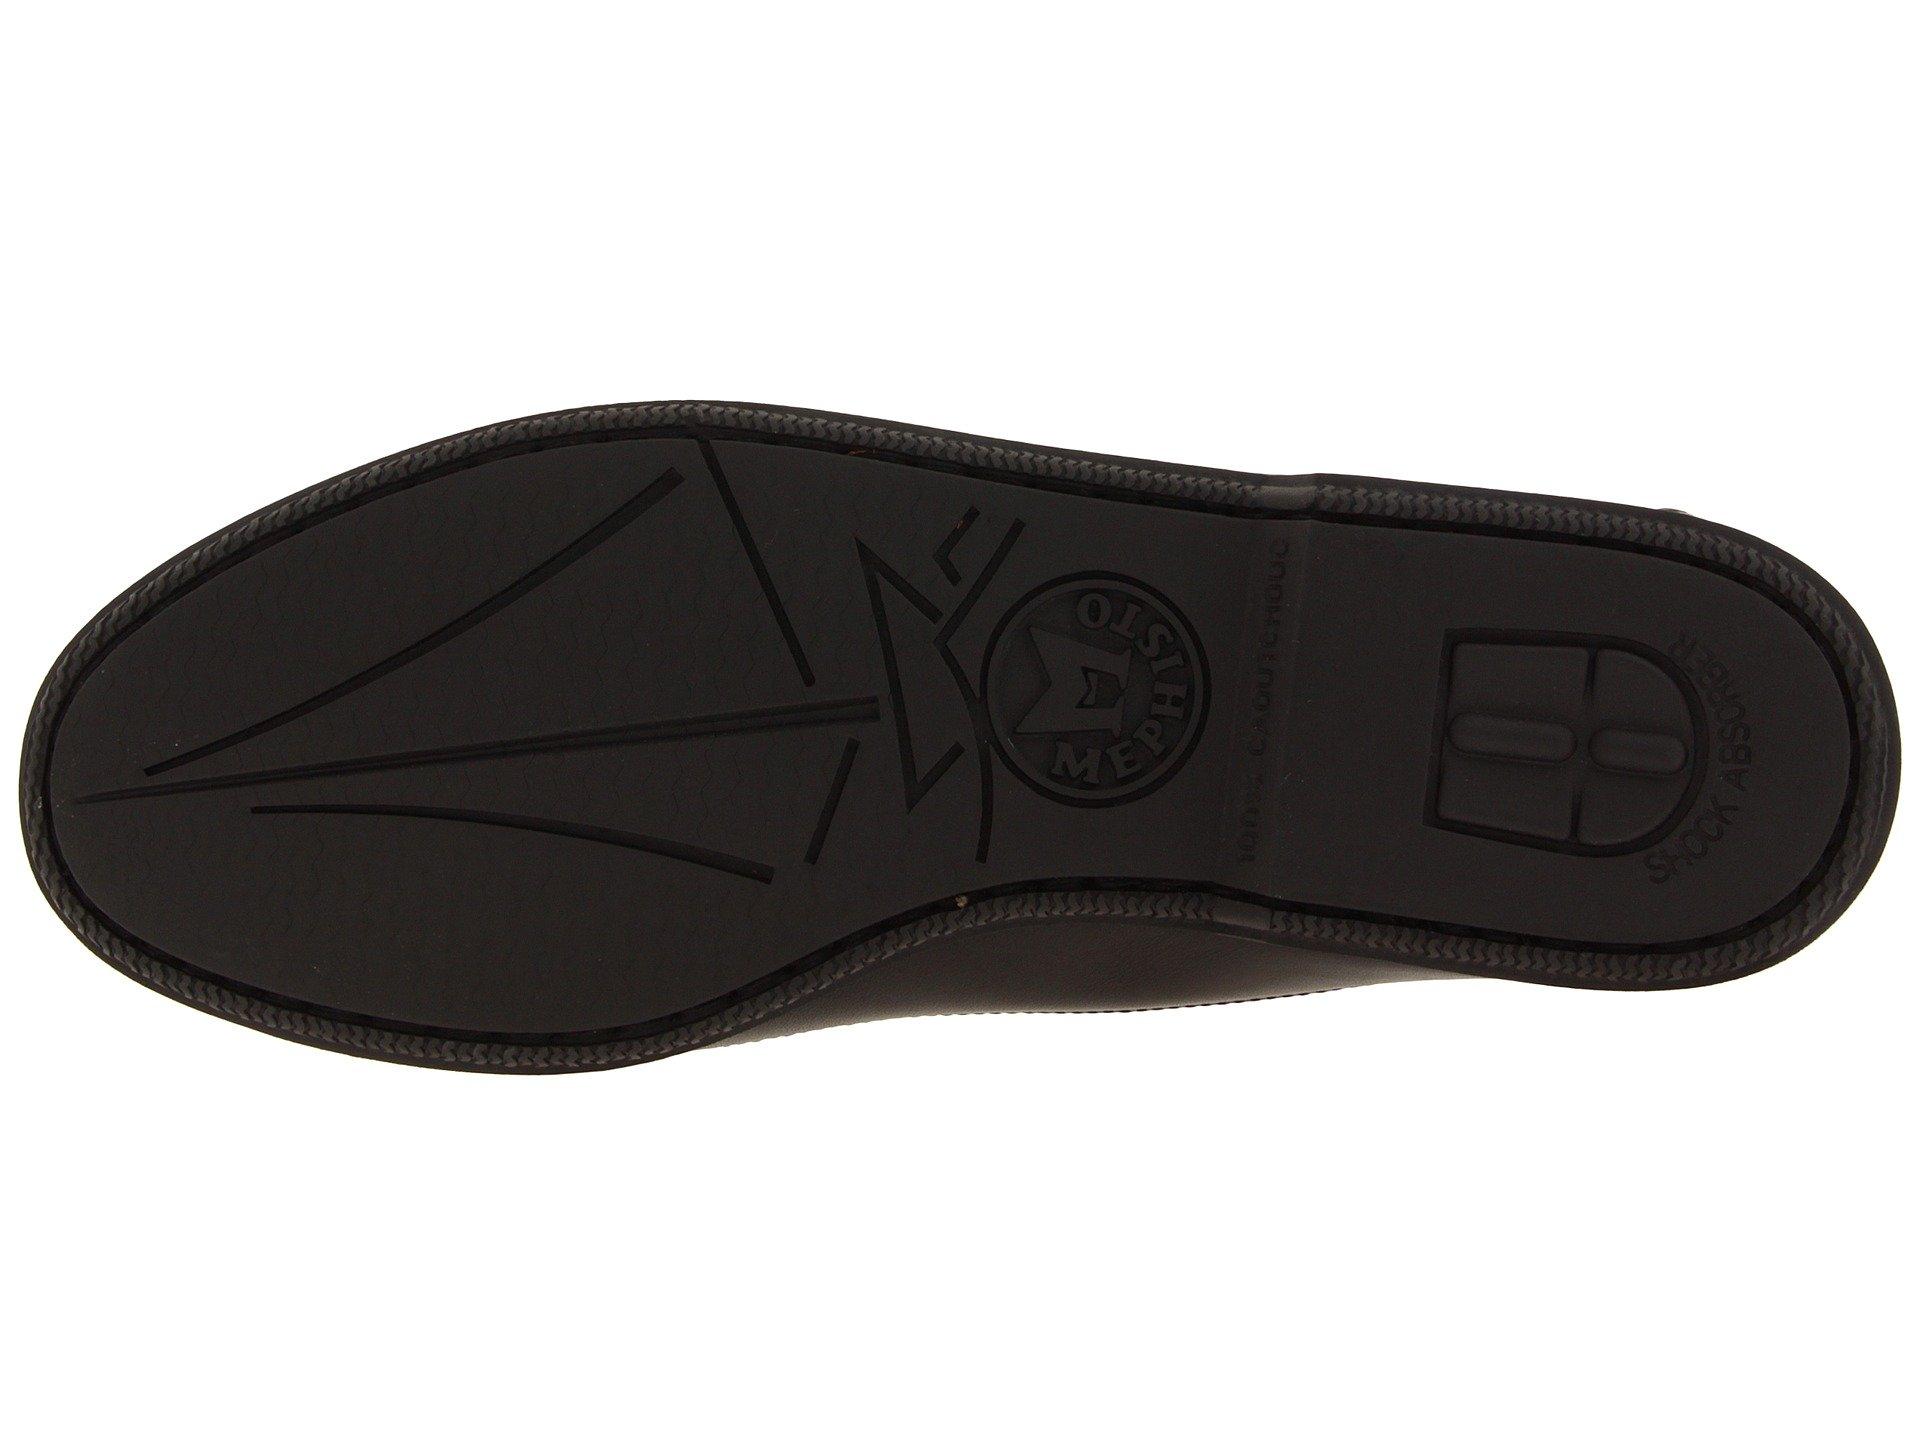 Smooth Mephisto Vert Black Leather Cap wx8Pxqf